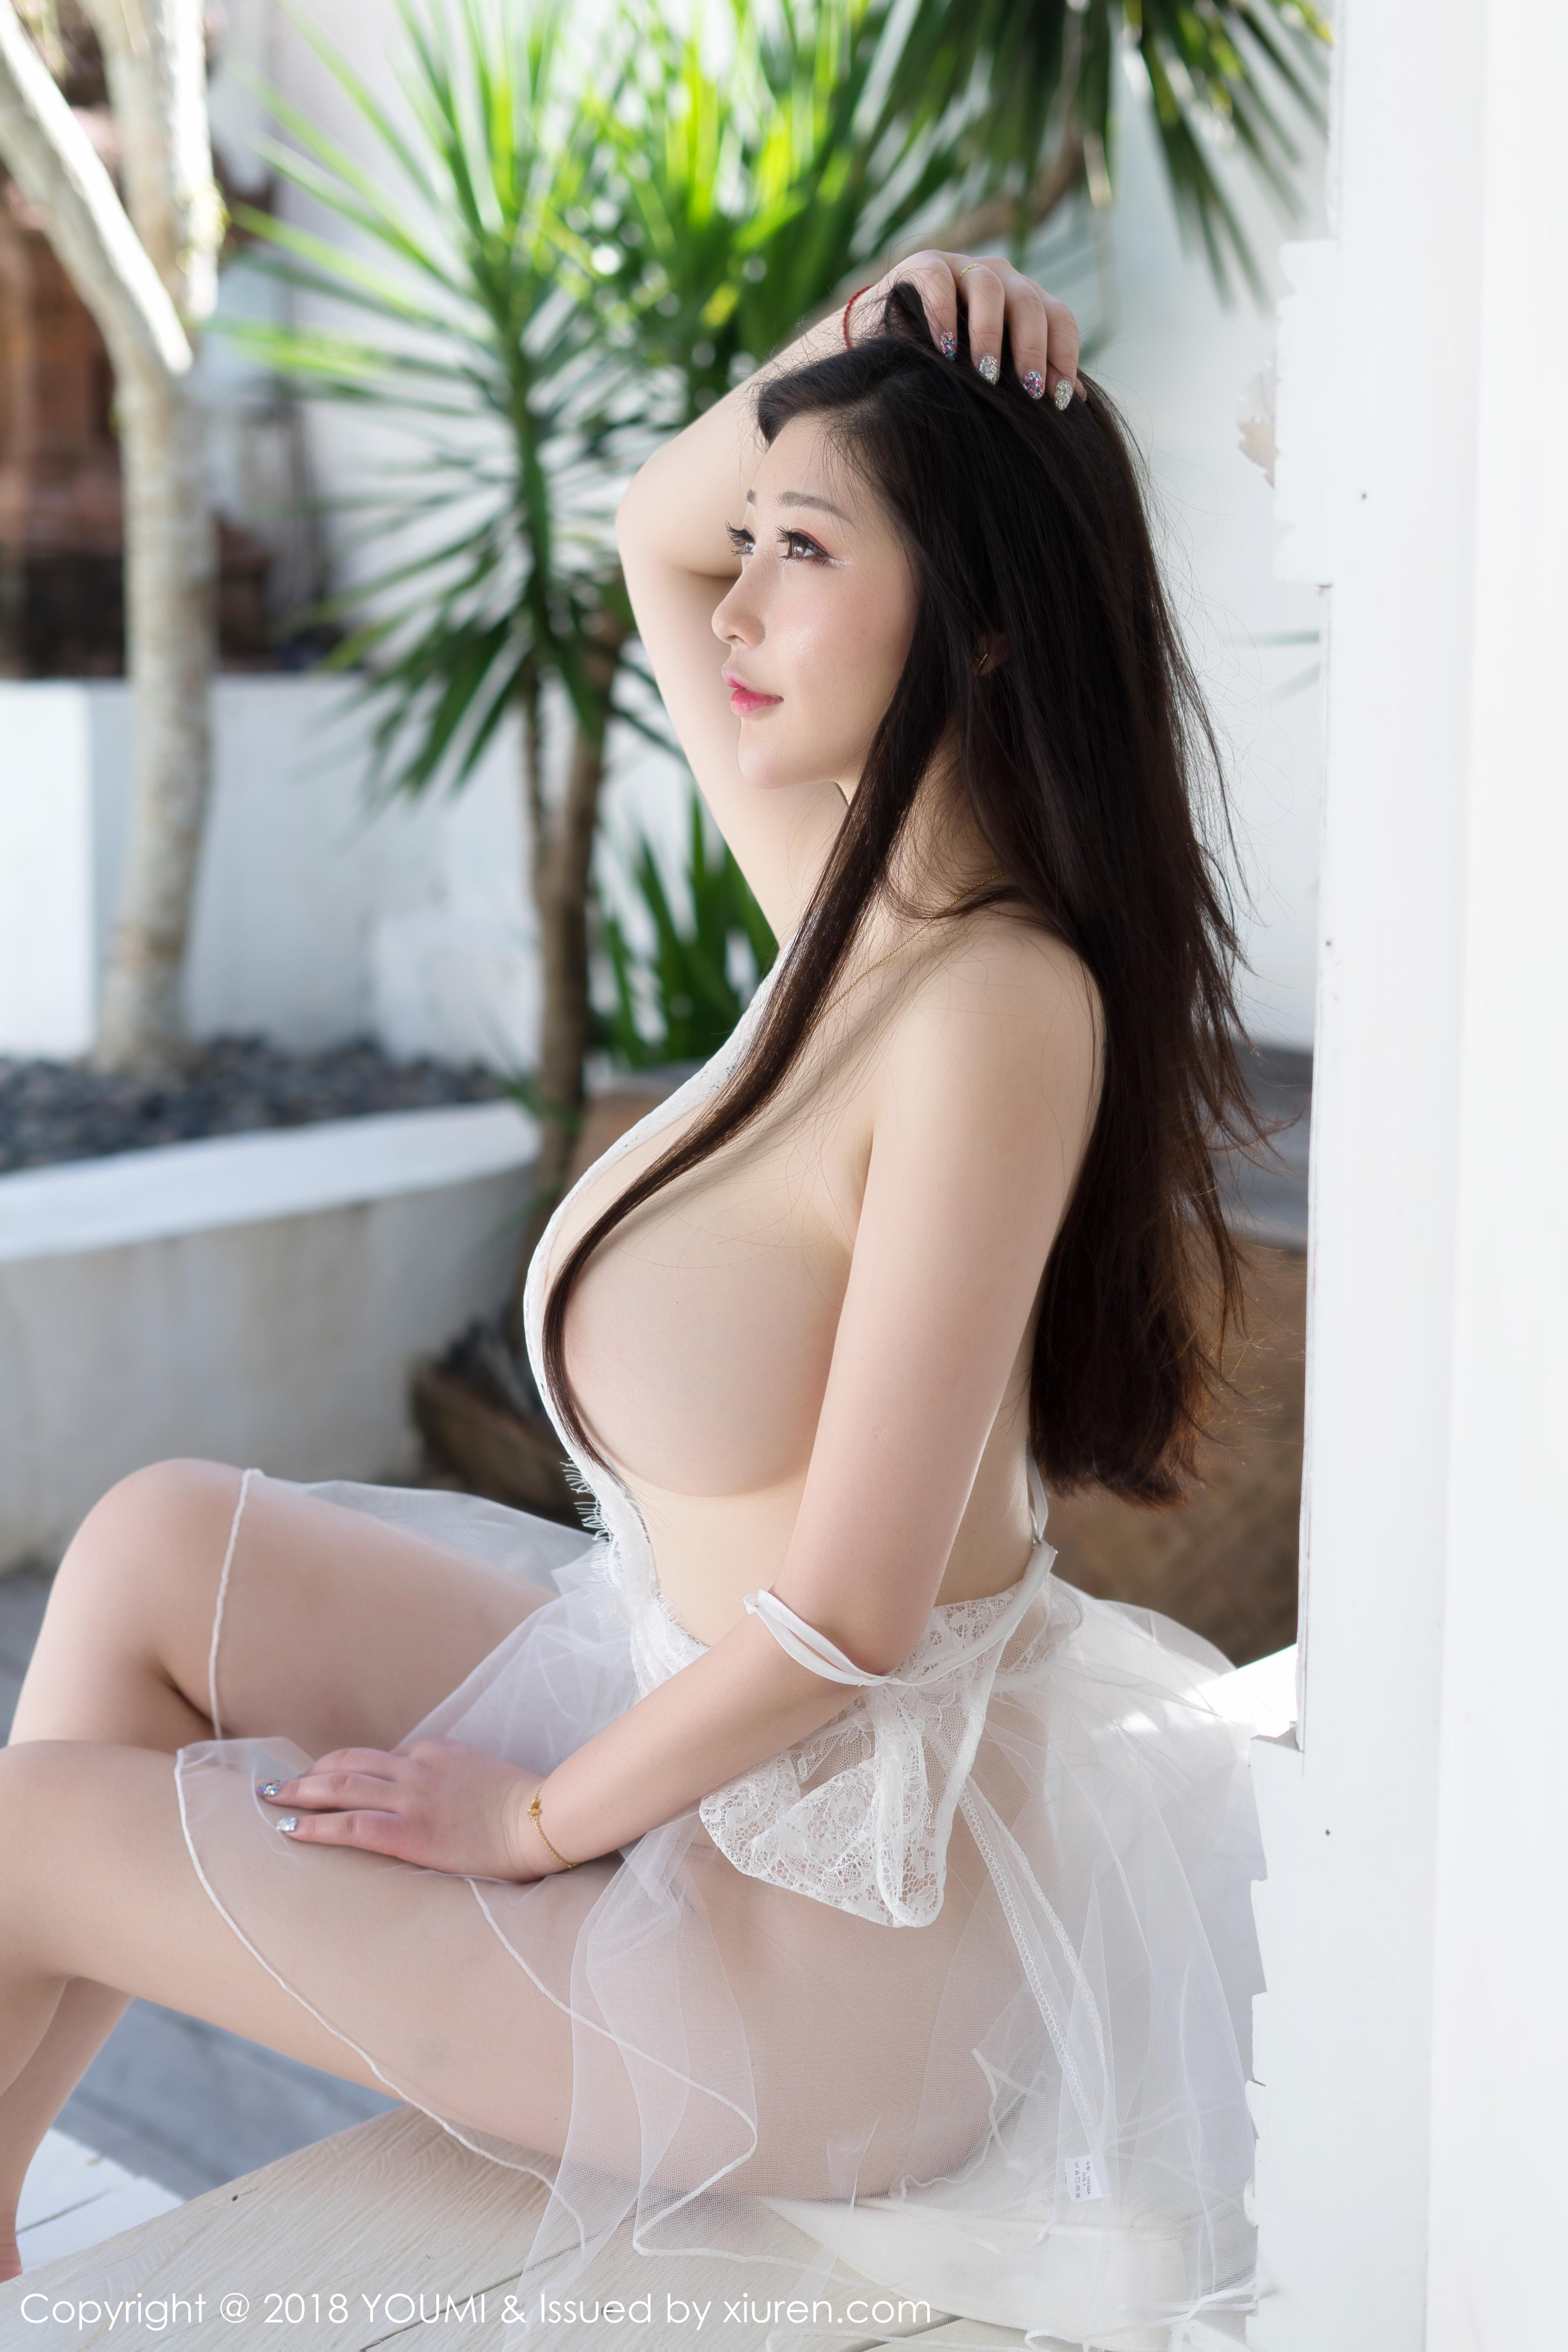 hot Chinese glamour - I like it